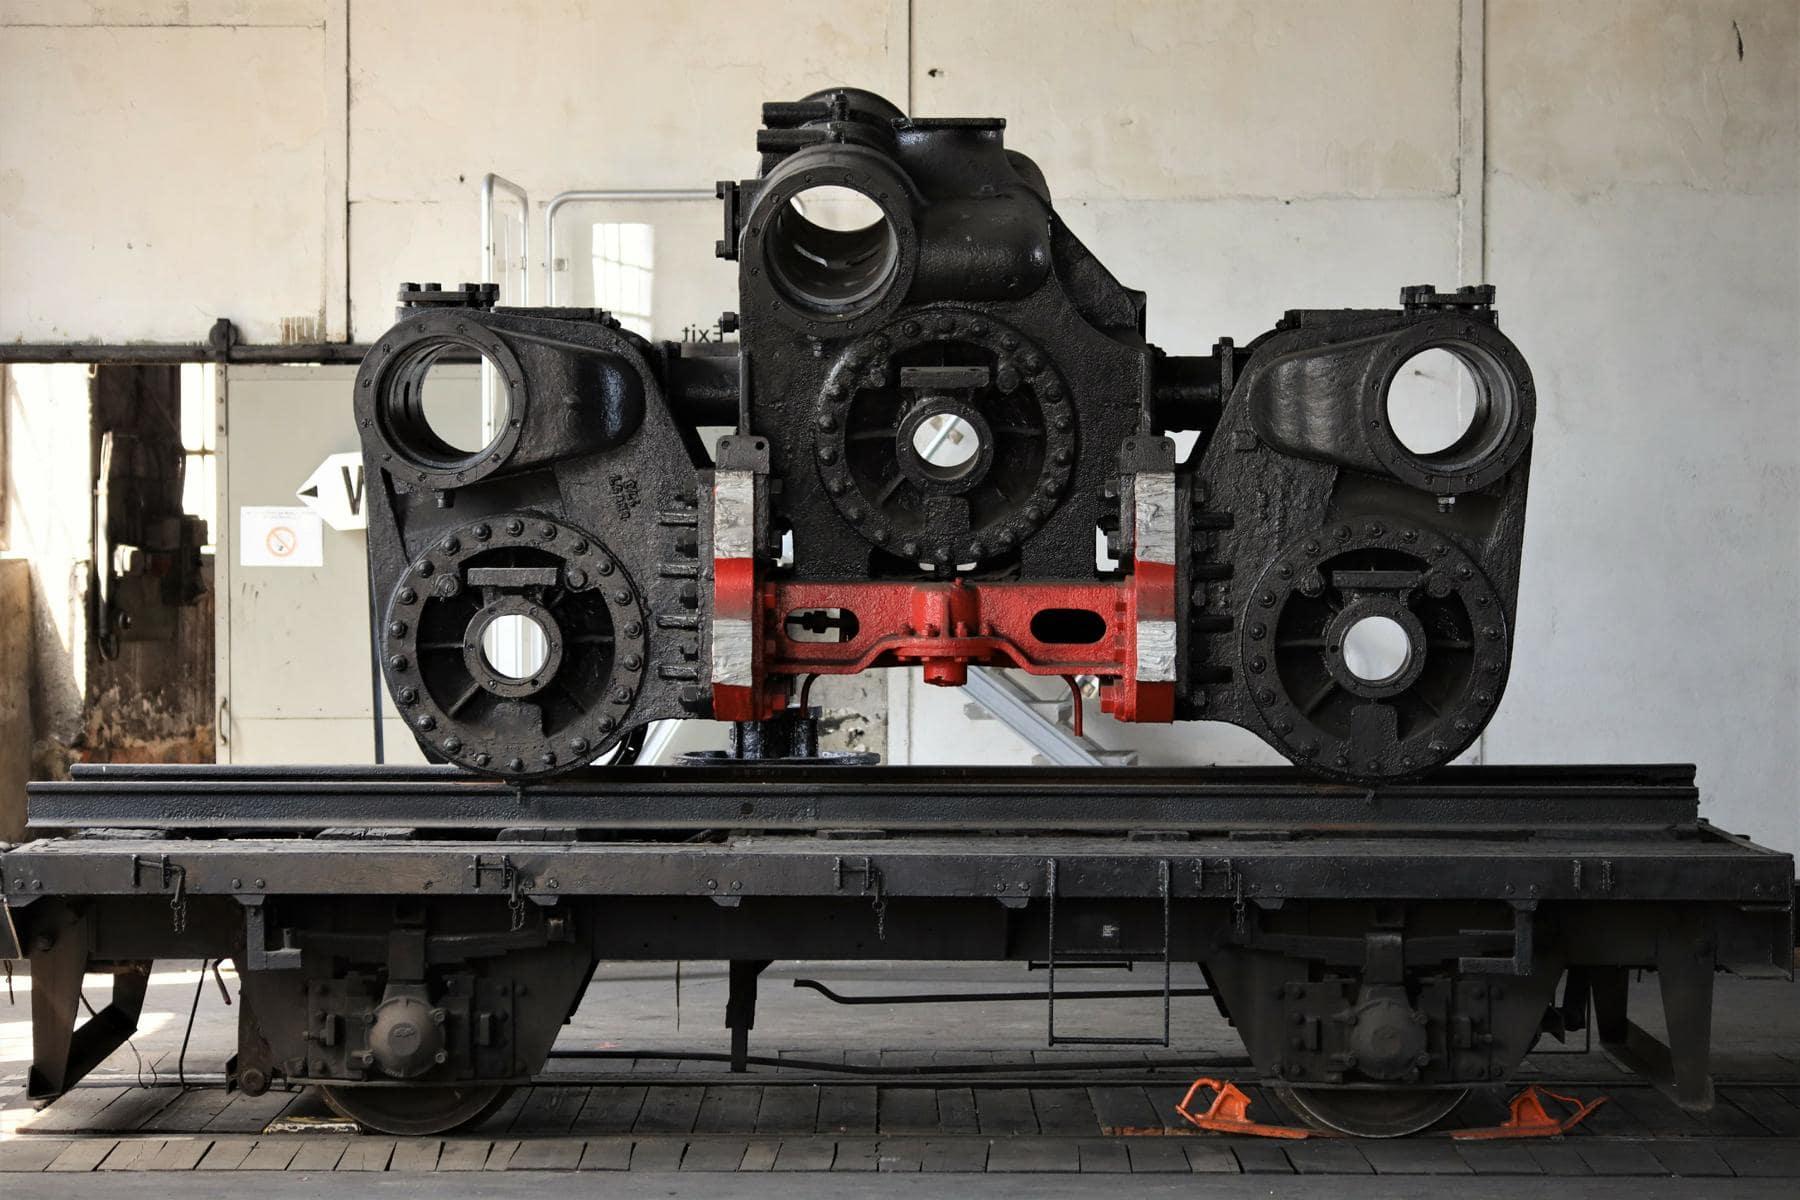 ©Foto: Christian Wodzinski | railmen | Zylinderblock einer Dampflok der Baureihe 44 – einer schweren, fünffach gekuppelten Güterzug-Einheitsdampflokomotive mit Drillingstriebwerk.